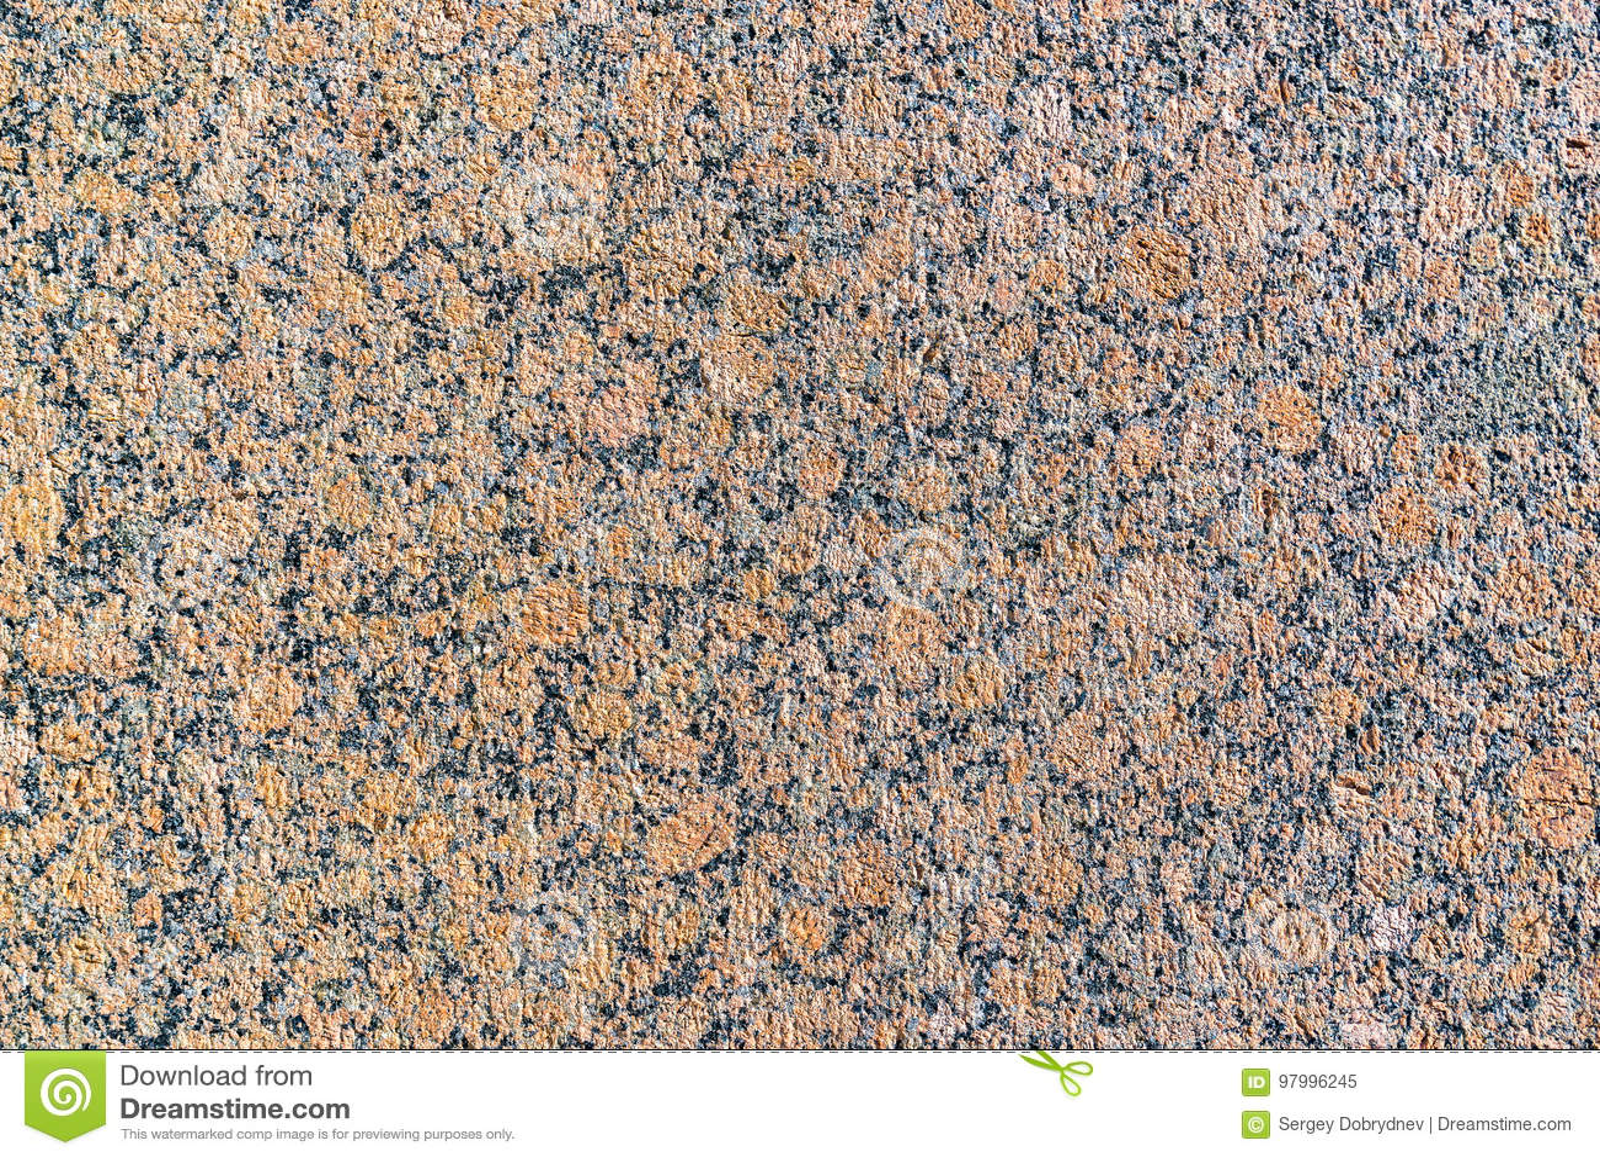 Textura natural de uma superfície plana do granito